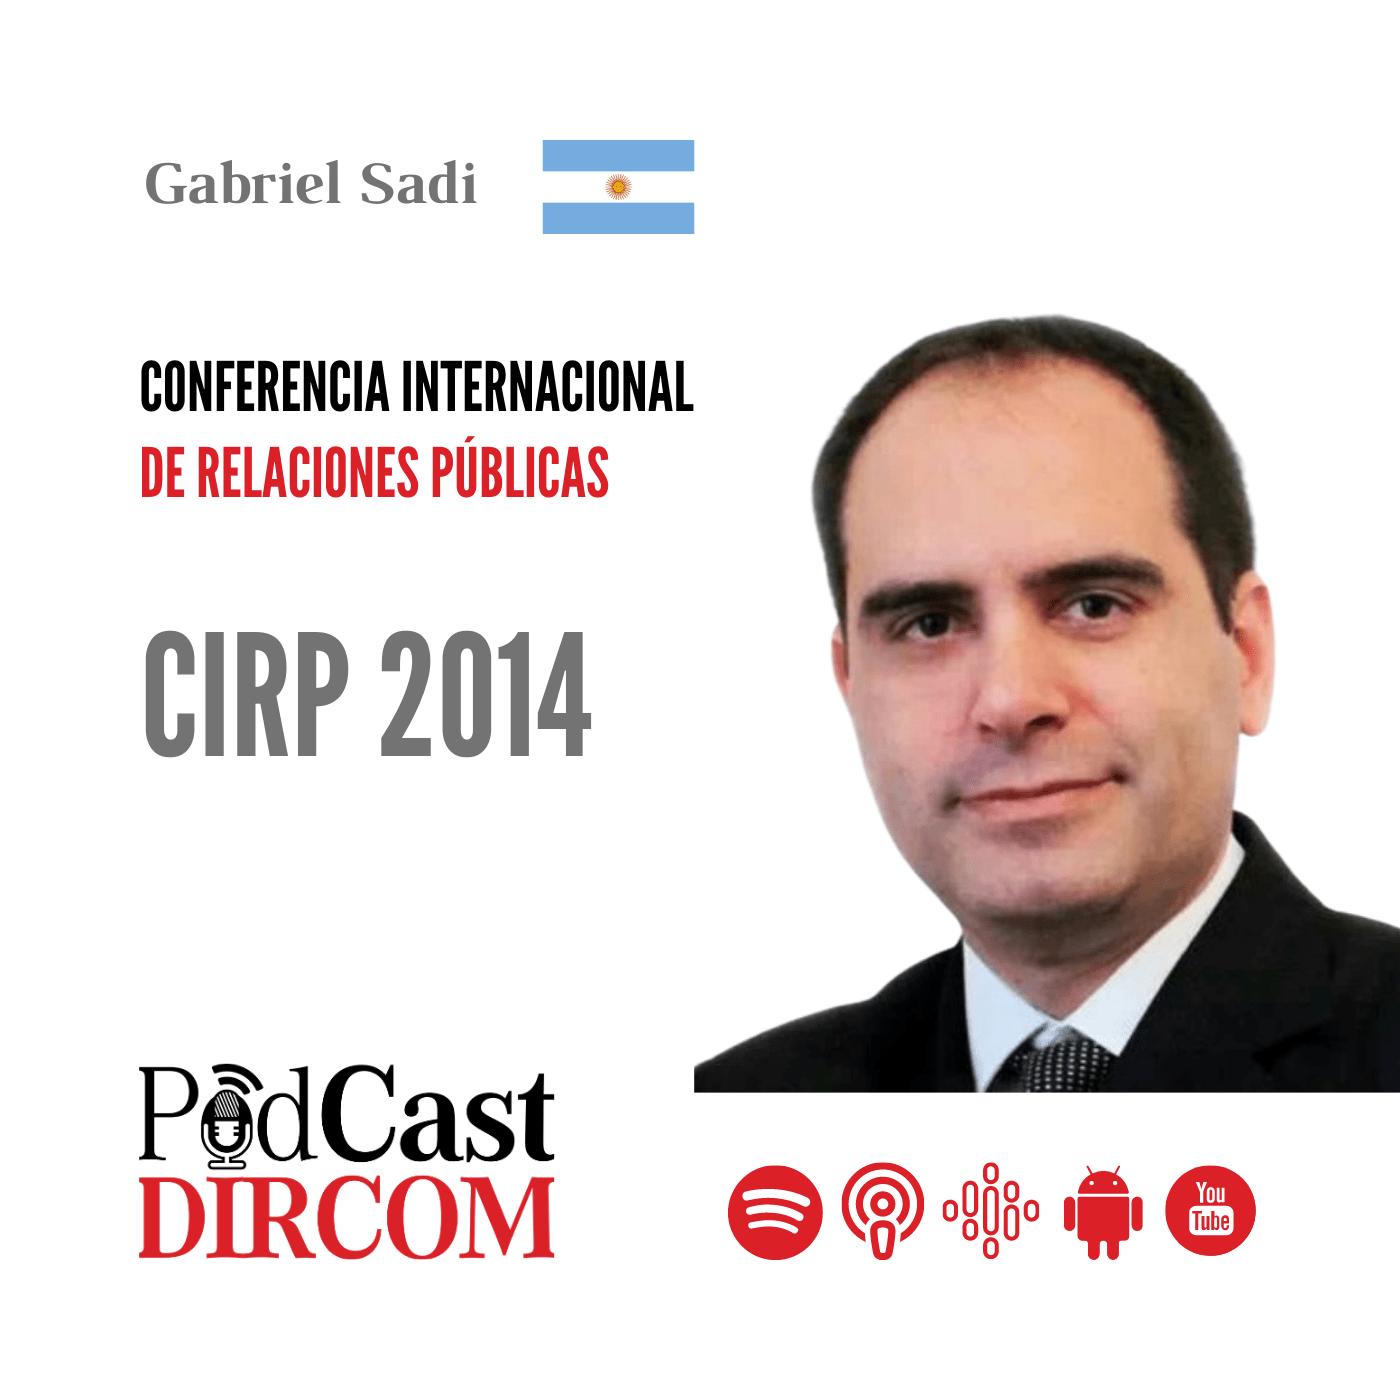 Conferencia Internacional de Relaciones Públicas CIRP